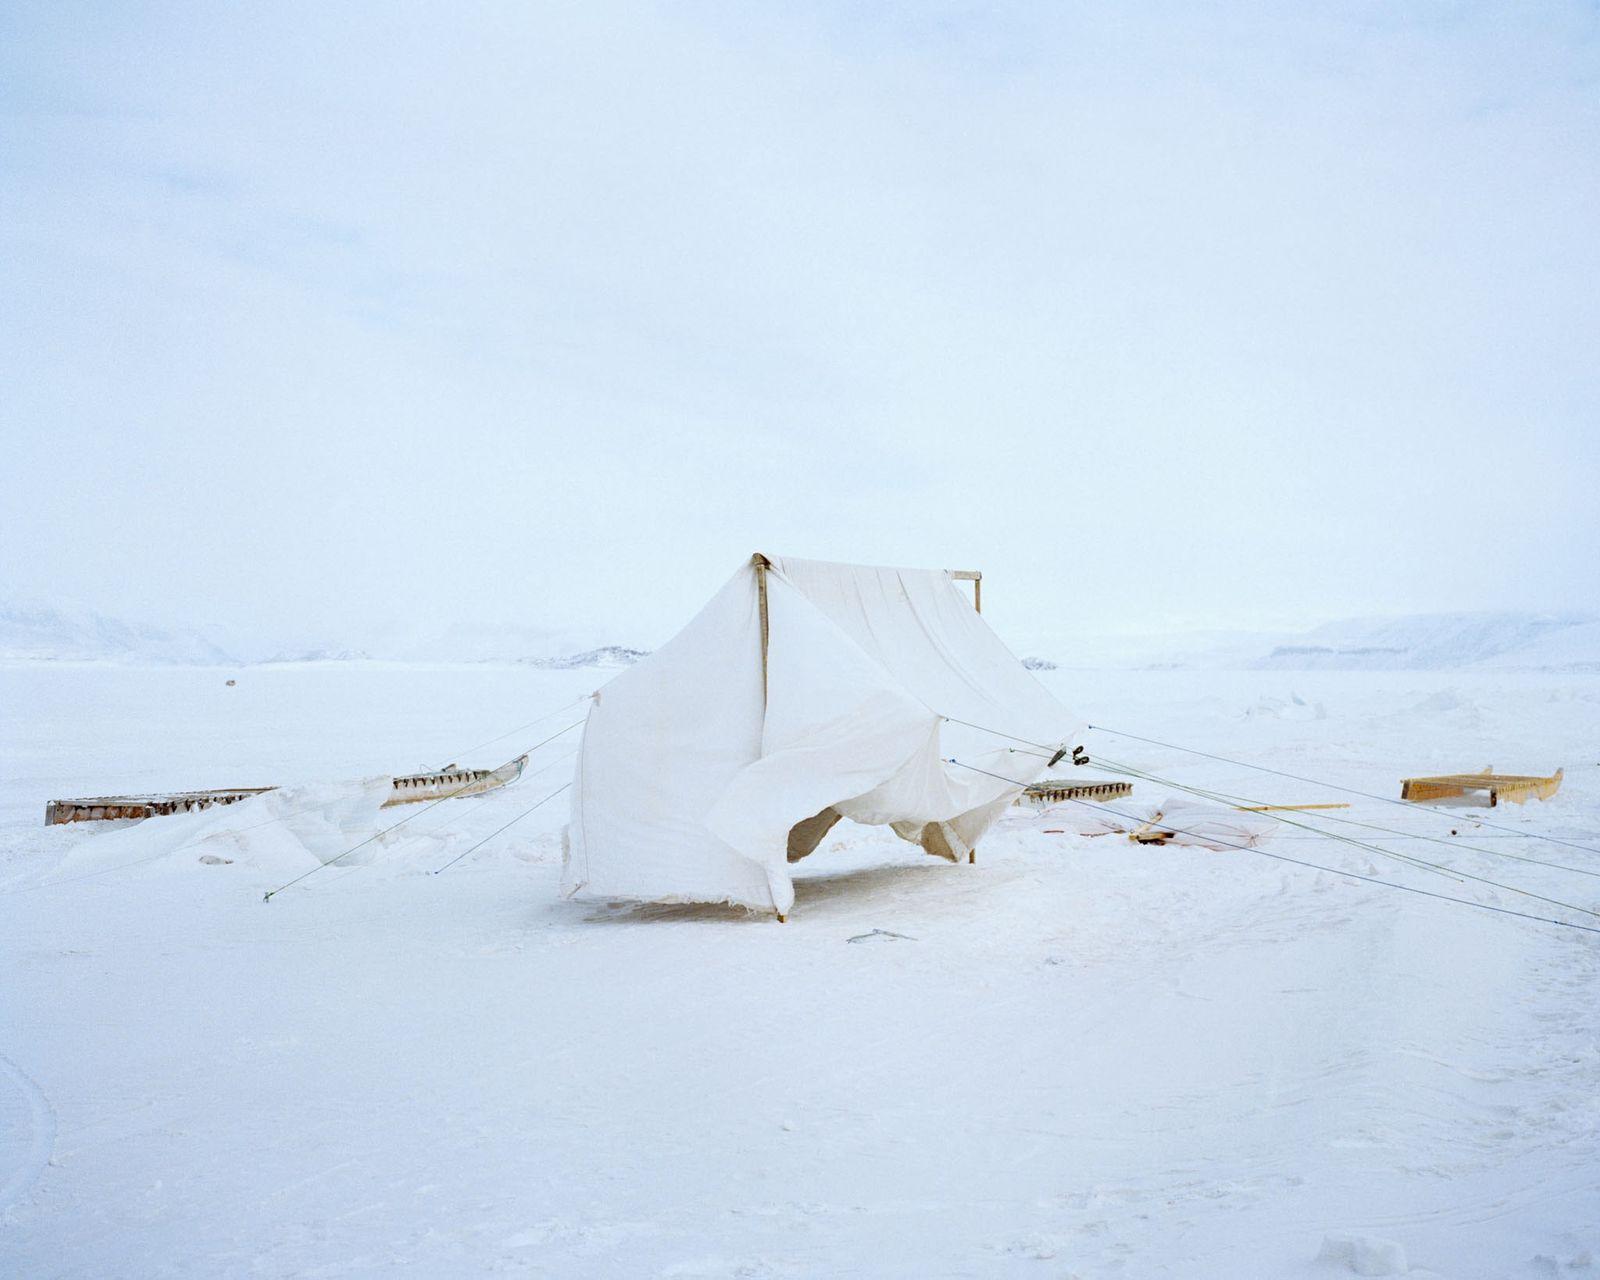 Vor dem Campingausflug trocknet ein selbstgemachtes Zelt auf dem Meereis in Nunavut.